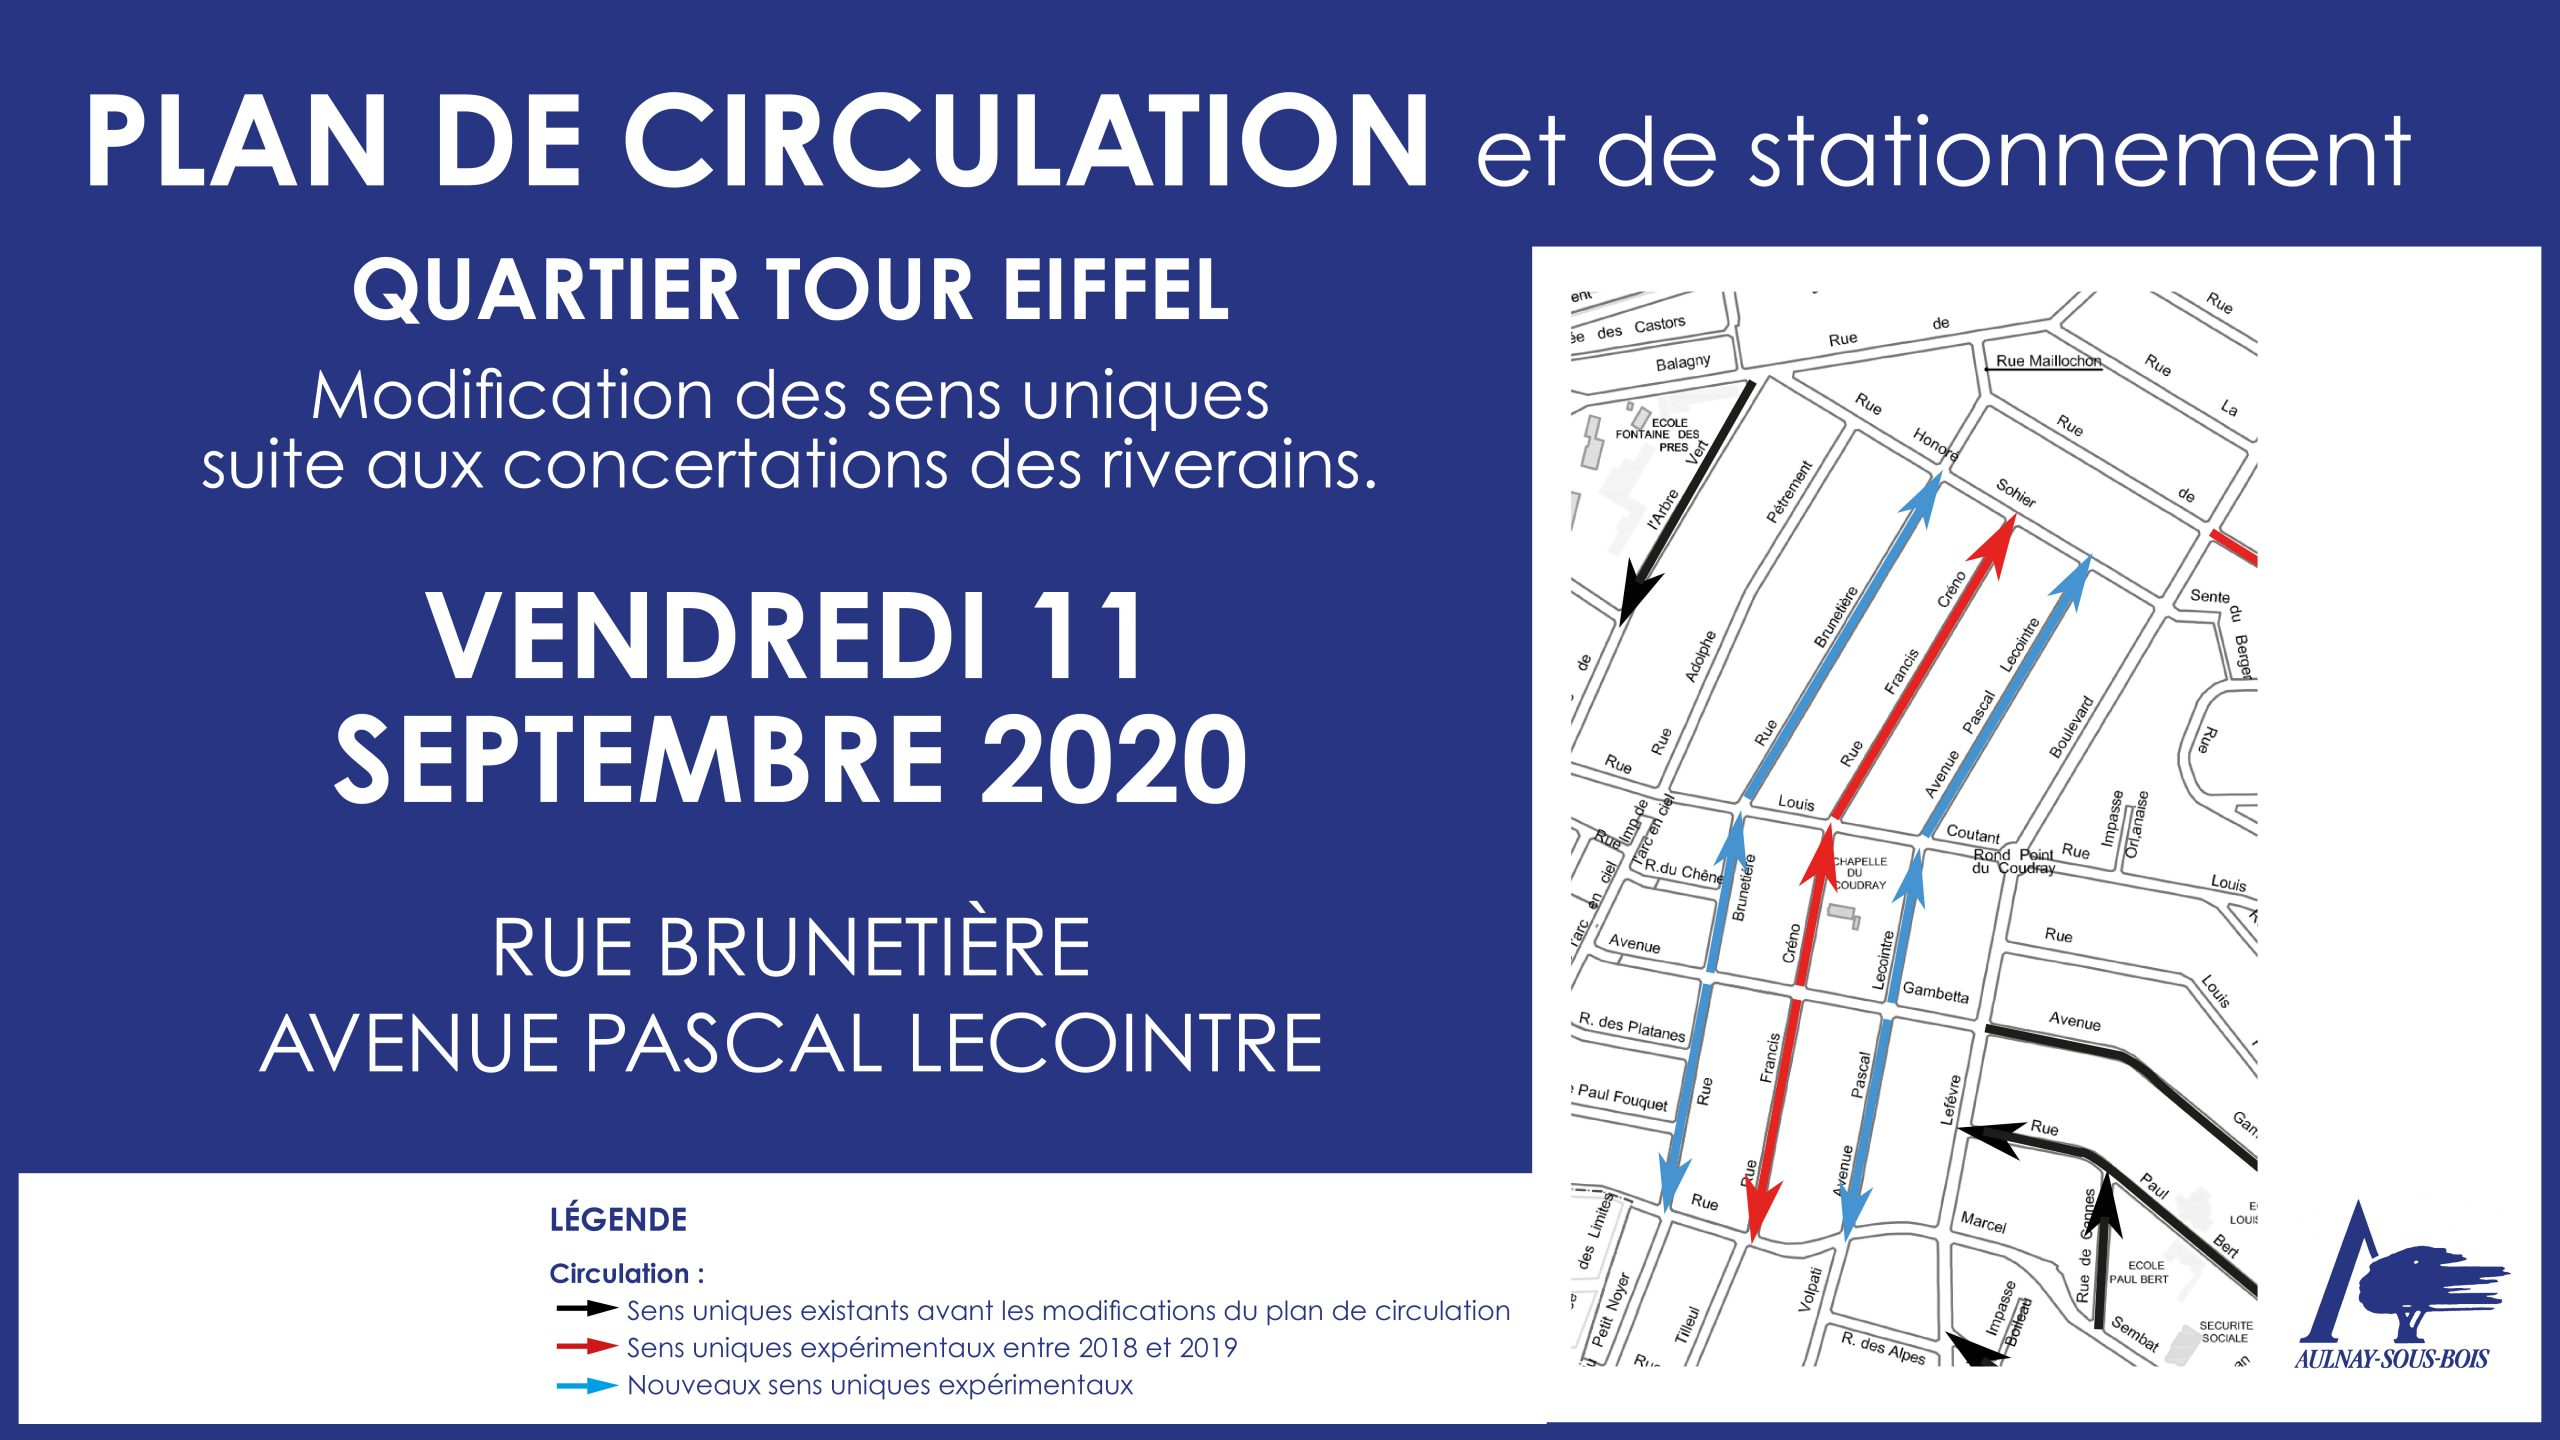 Plan de circulation et de stationnement 11 septembre 2020